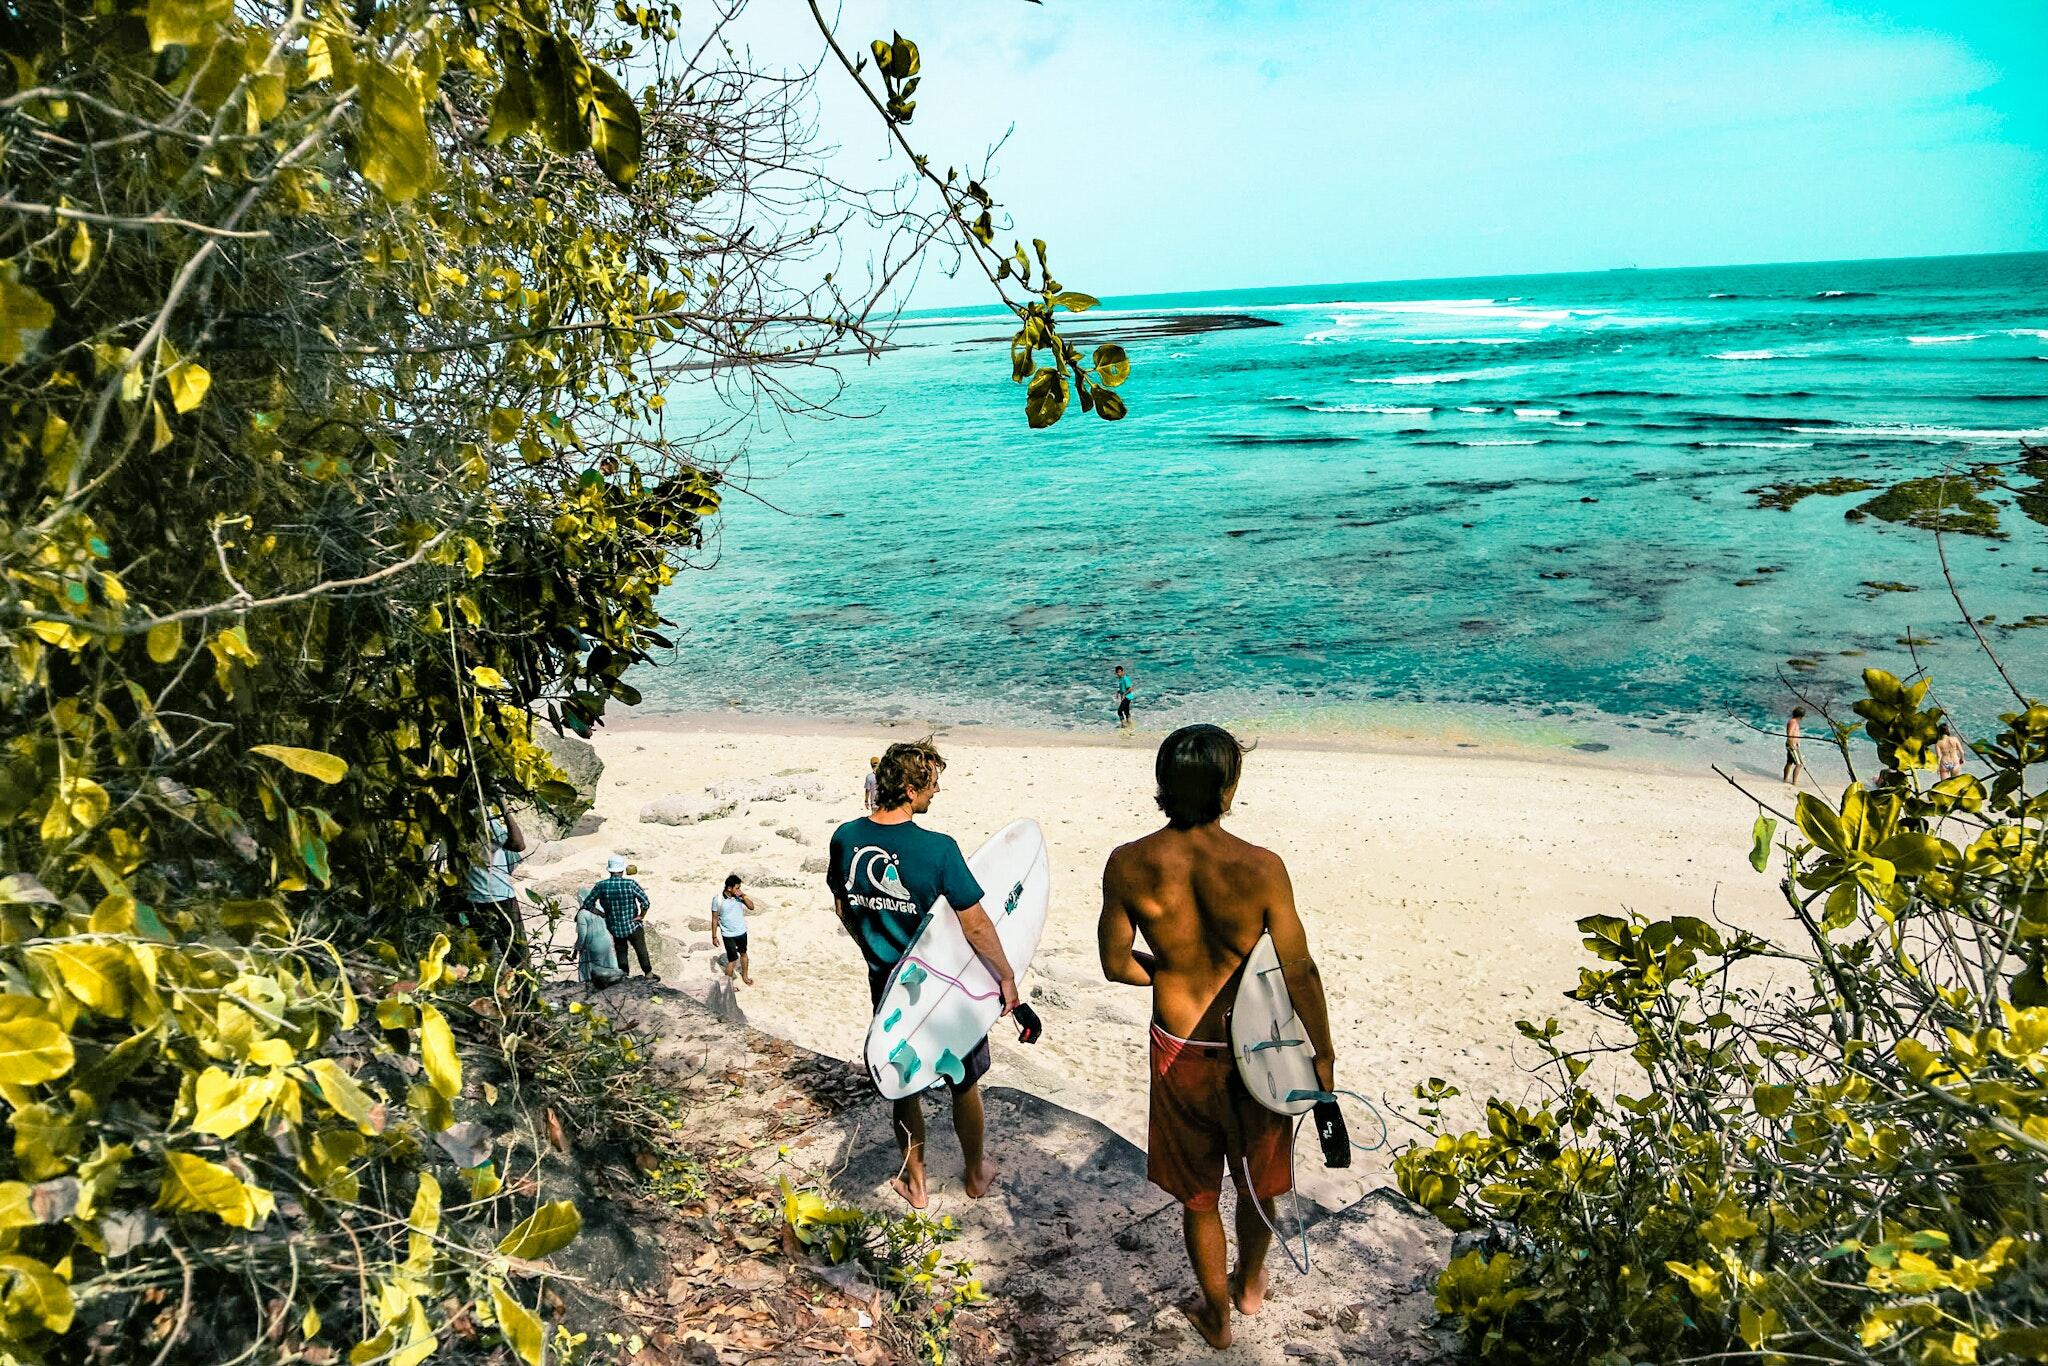 adventure-bali-beach-695779.jpg